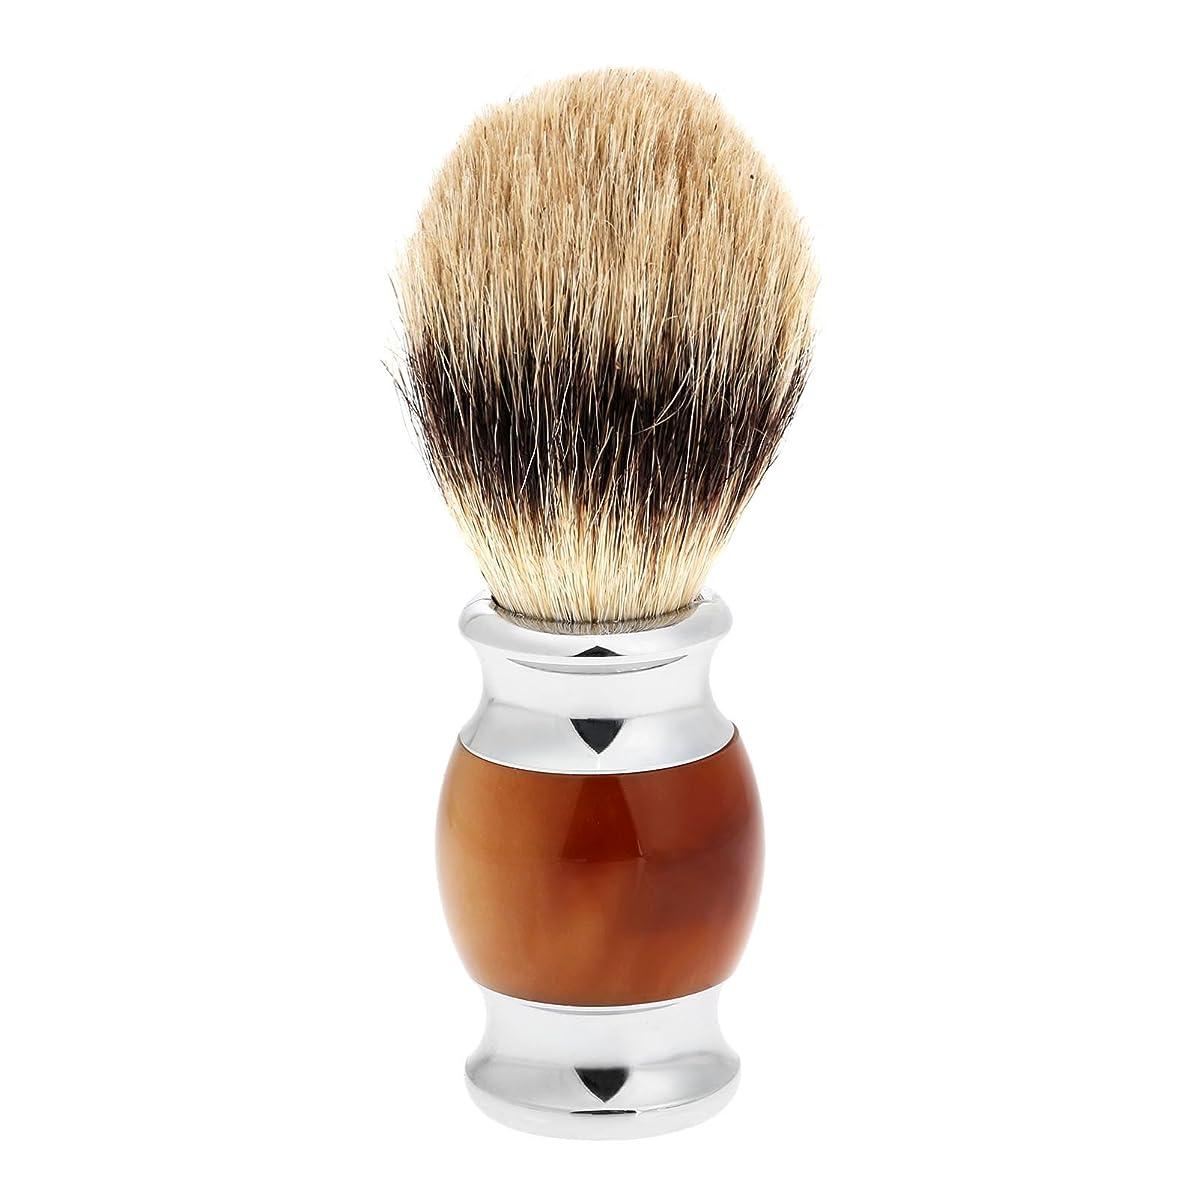 戦術側溝接触1PC メンズ ひげブラシ アナグマ毛 シェービングブラシ バーバー シェービング用ブラシ 理容 洗顔 髭剃り